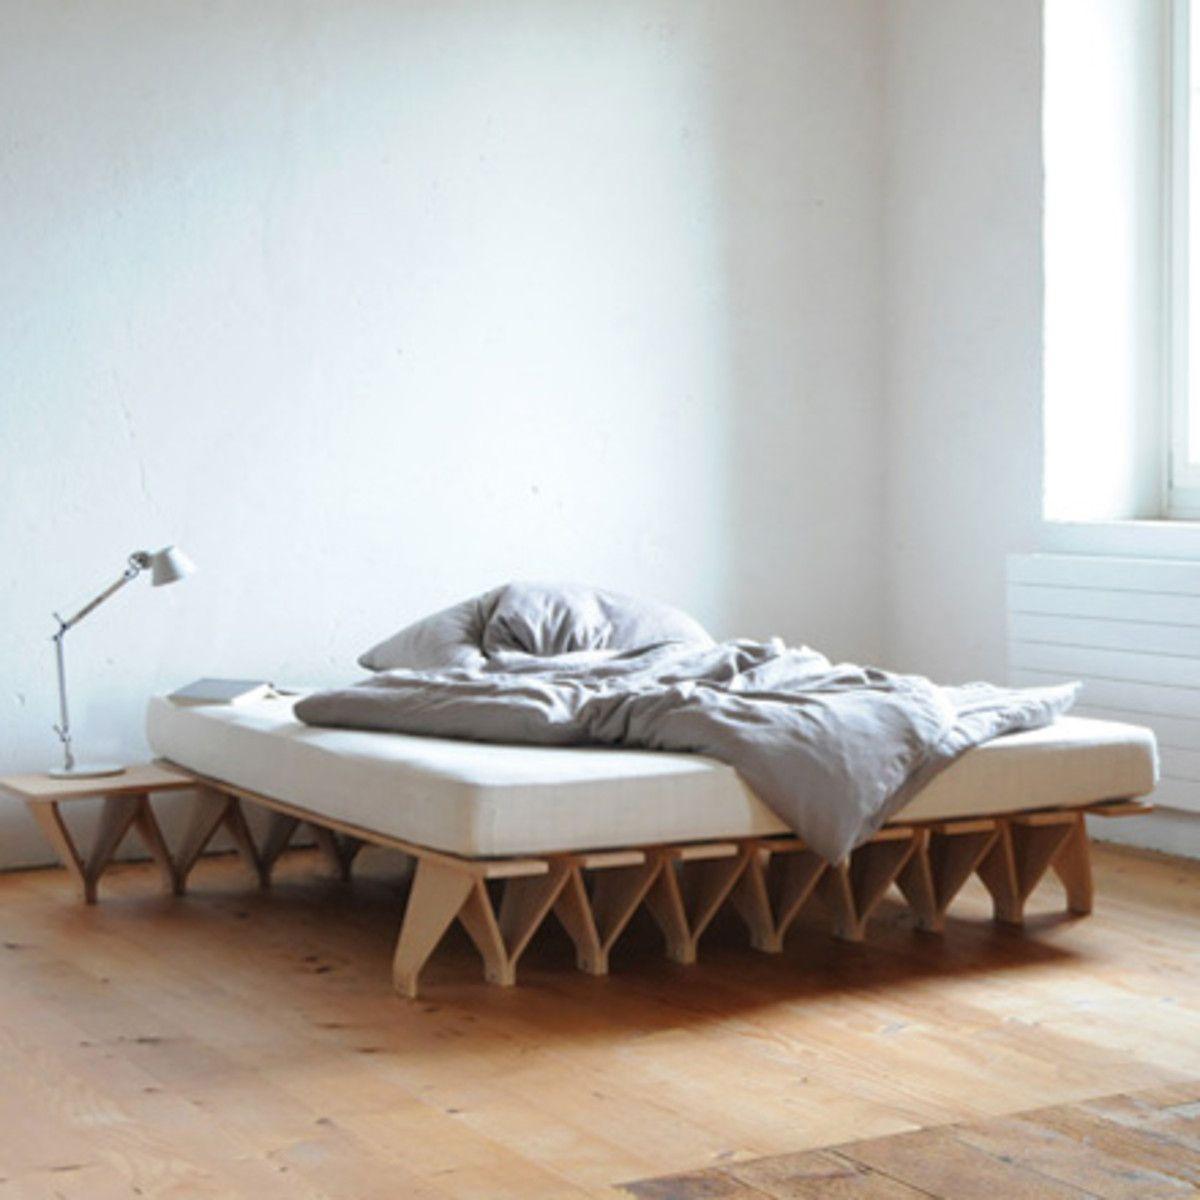 tojo lieg modulares bettsystem support pied continuit table de chevet lit bois modulaire. Black Bedroom Furniture Sets. Home Design Ideas